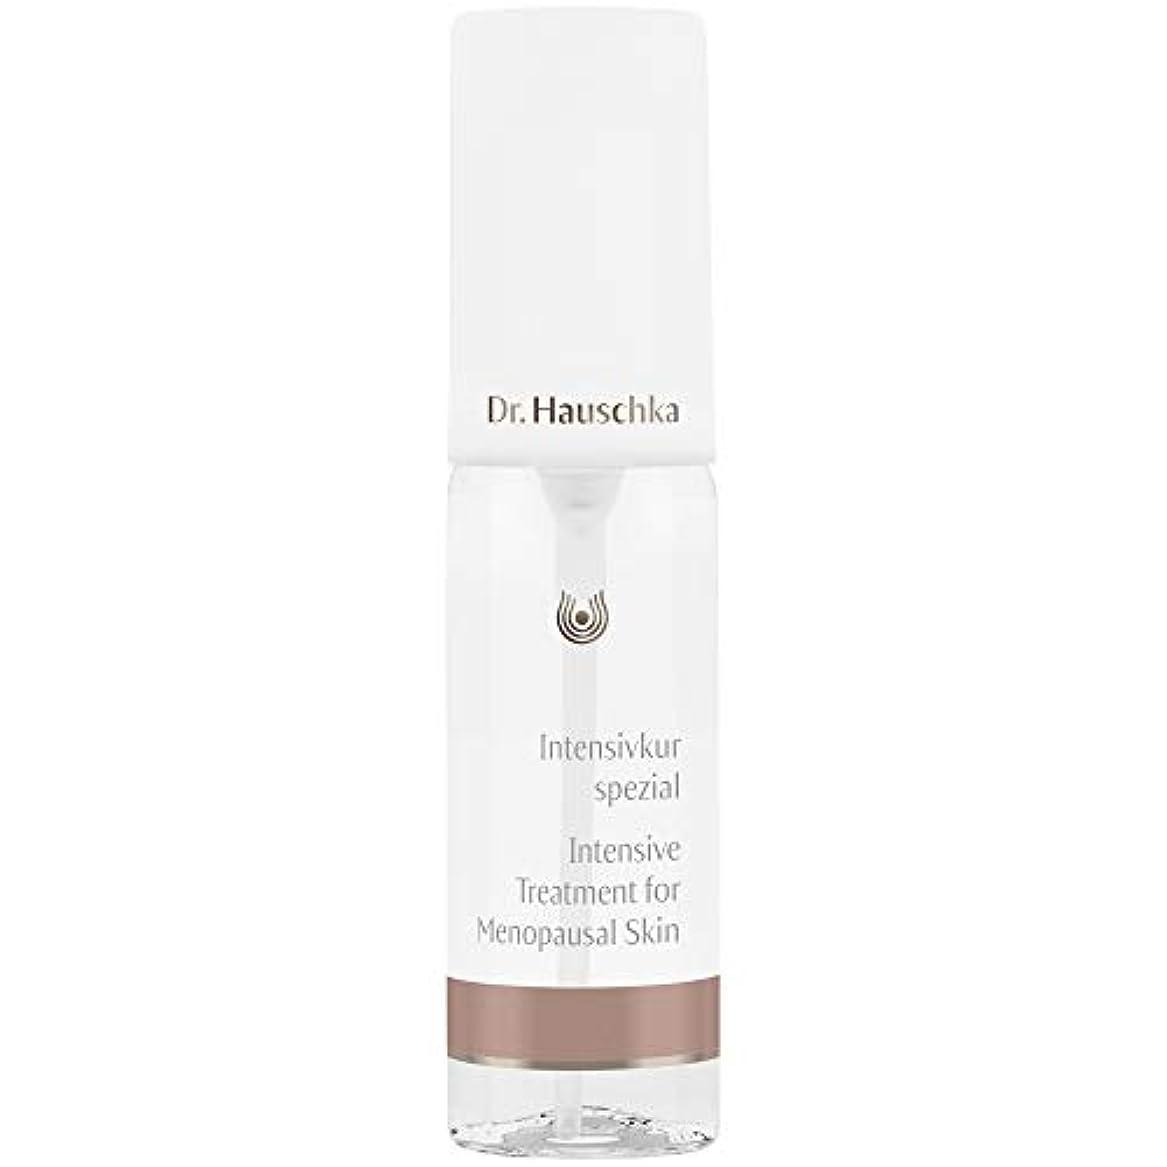 植物学郵便物群集[Dr Hauschka] 更年期の皮膚05 40ミリリットルのためのDrハウシュカ集中治療 - Dr Hauschka Intensive Treatment for Menopausal Skin 05 40ml [...